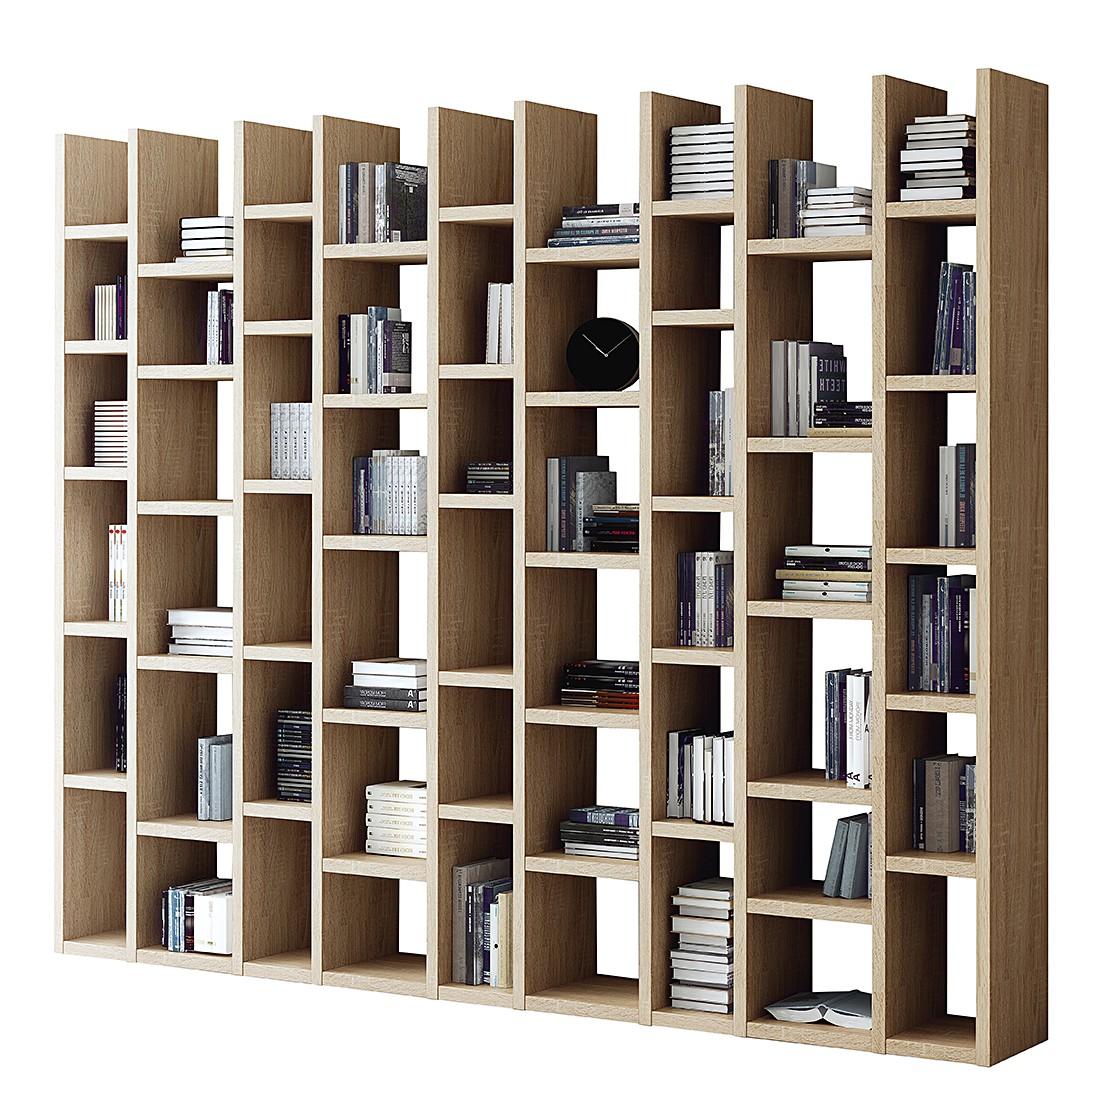 Bücherregal Emporior III – Sonoma Eiche Dekor, loftscape jetzt kaufen